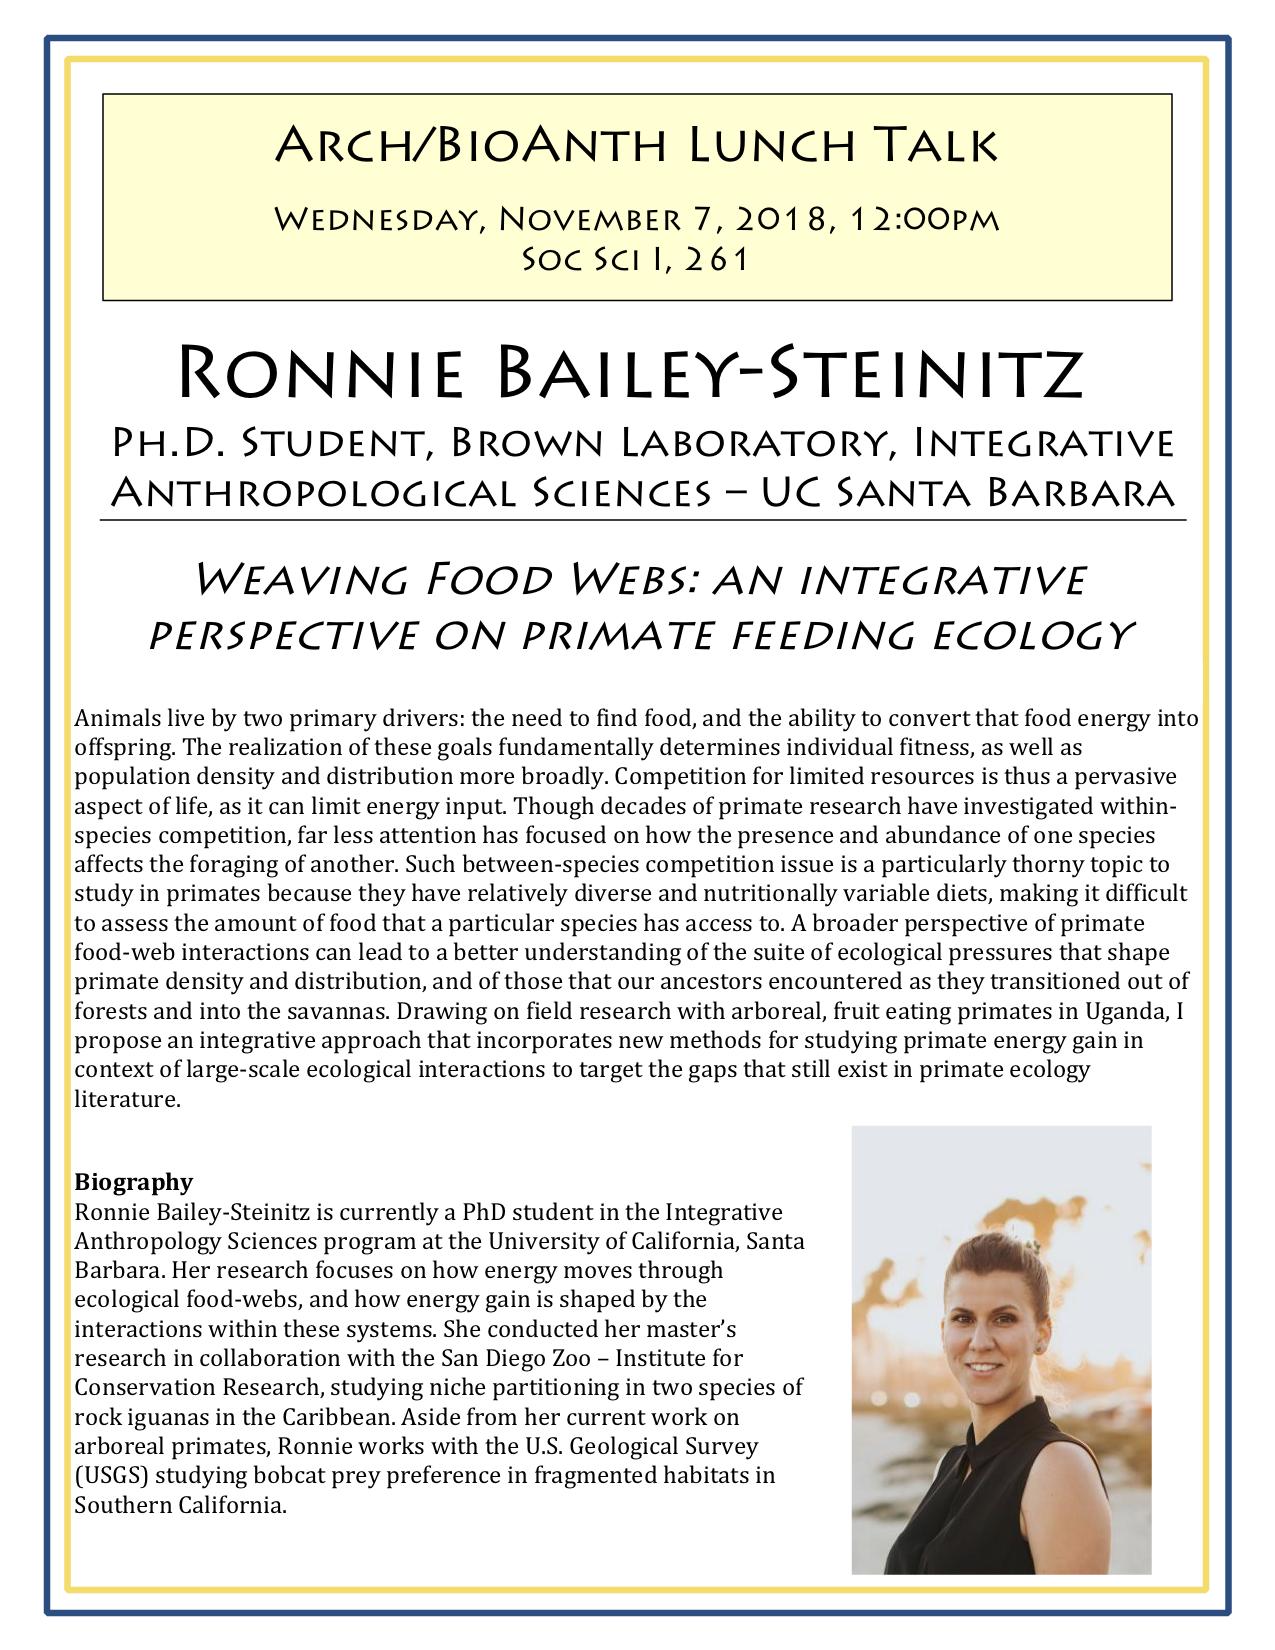 Steinitz UCSC Talk Flyer.png